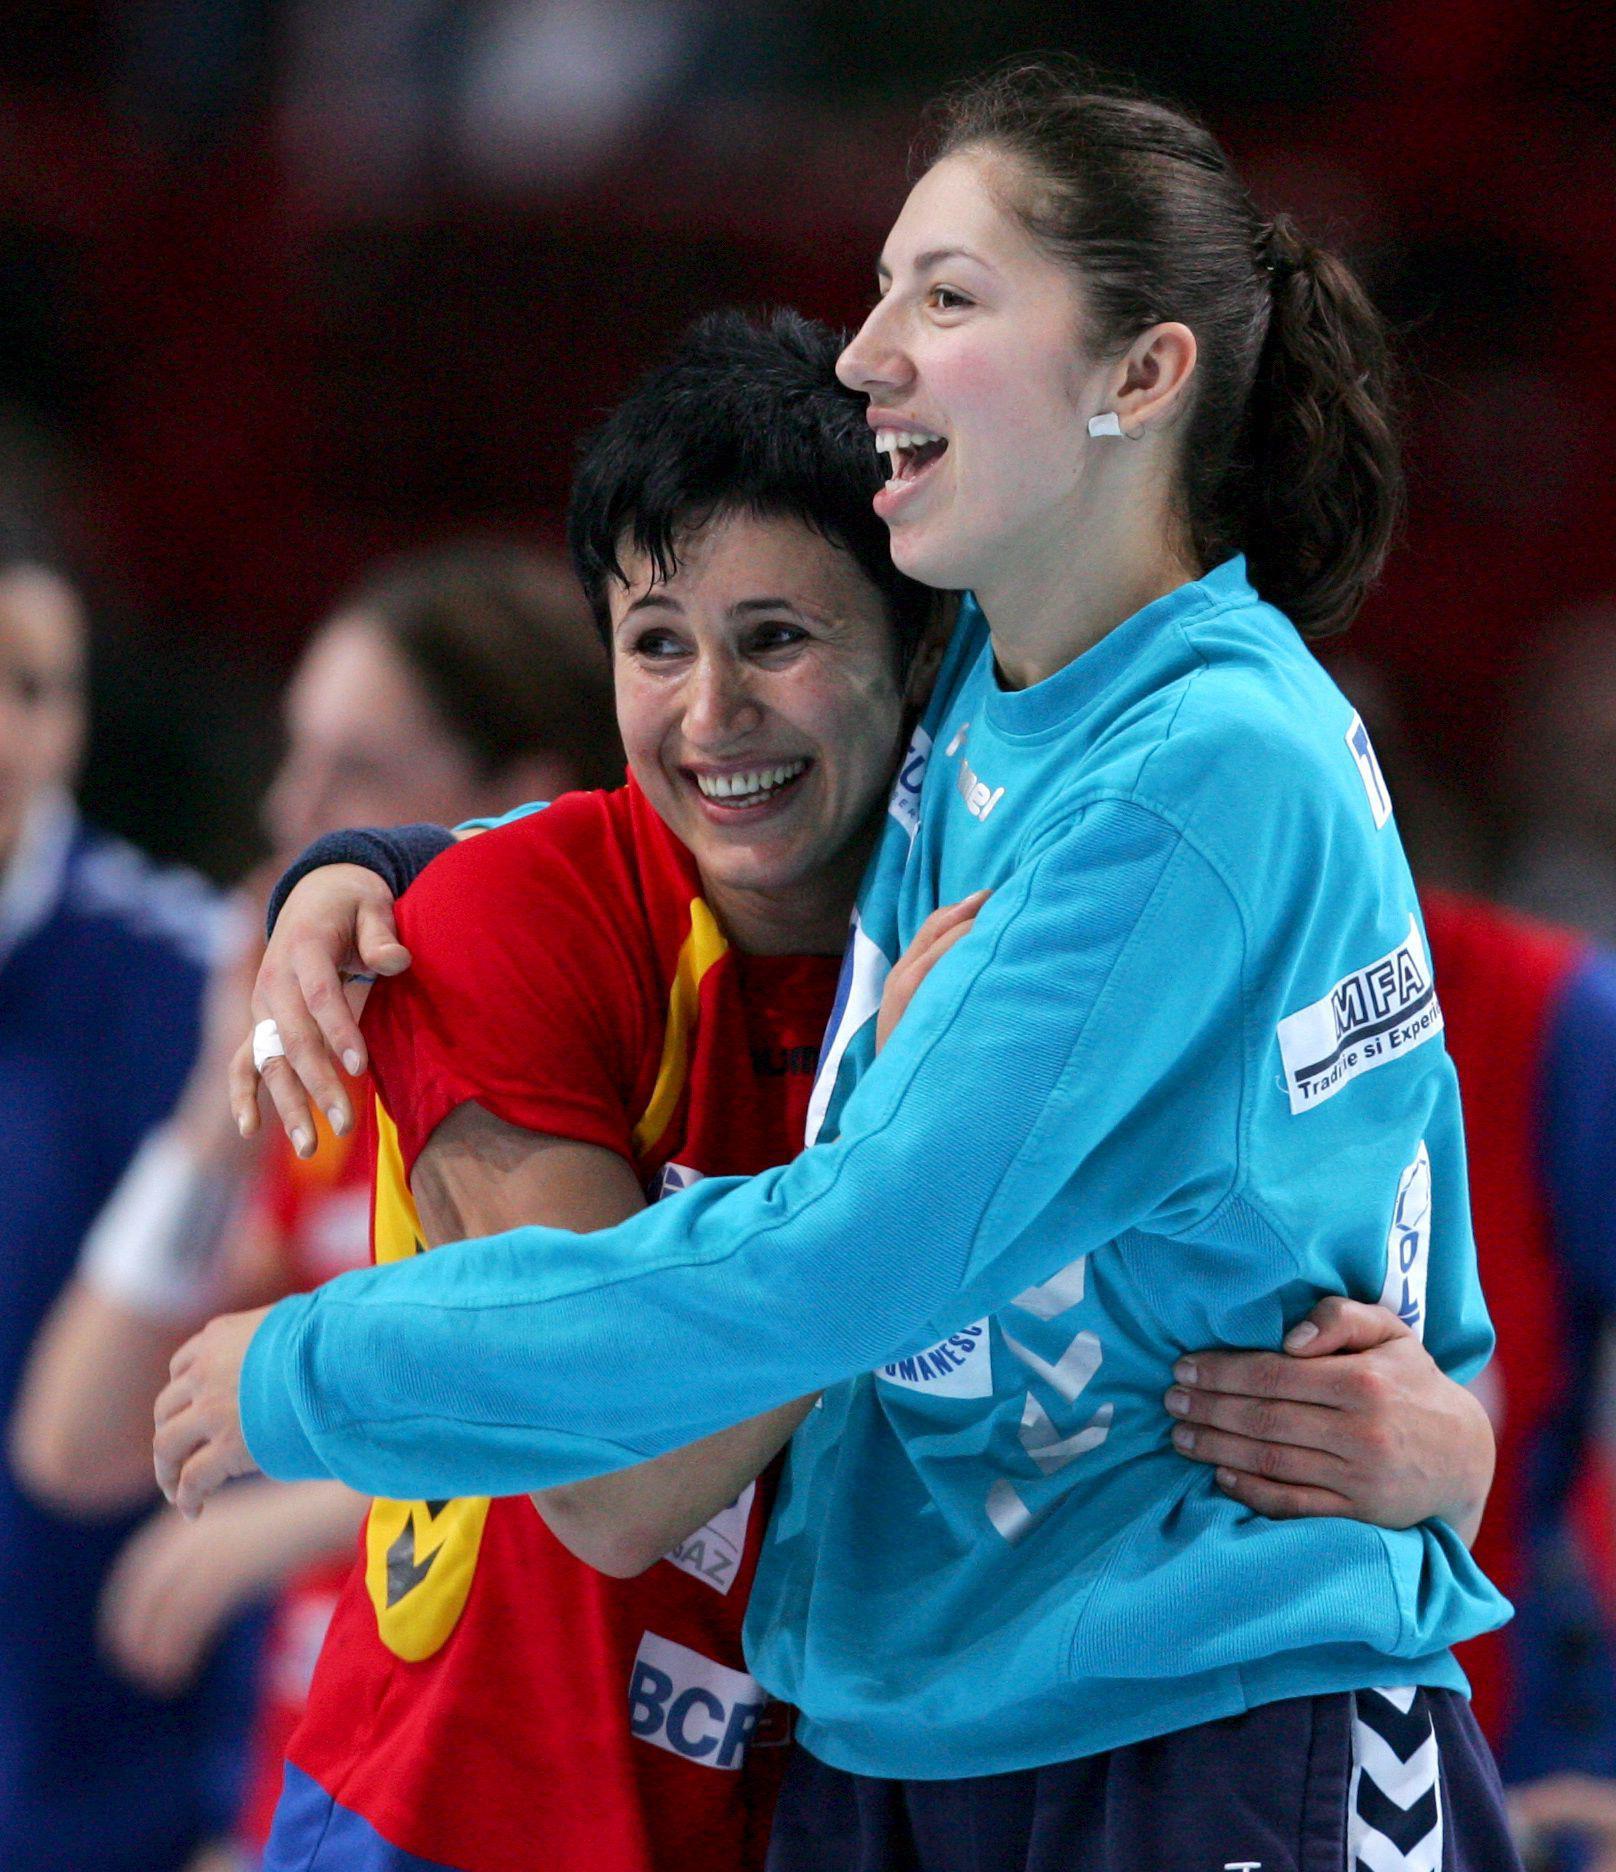 """INTERVIU EXCLUSIV/Talida Tolnai, handbalista medaliată cu bronz la Euro 2010, e vânzătoare în Zalău. """"Am fugit de sport, sunt fericită acum!"""""""